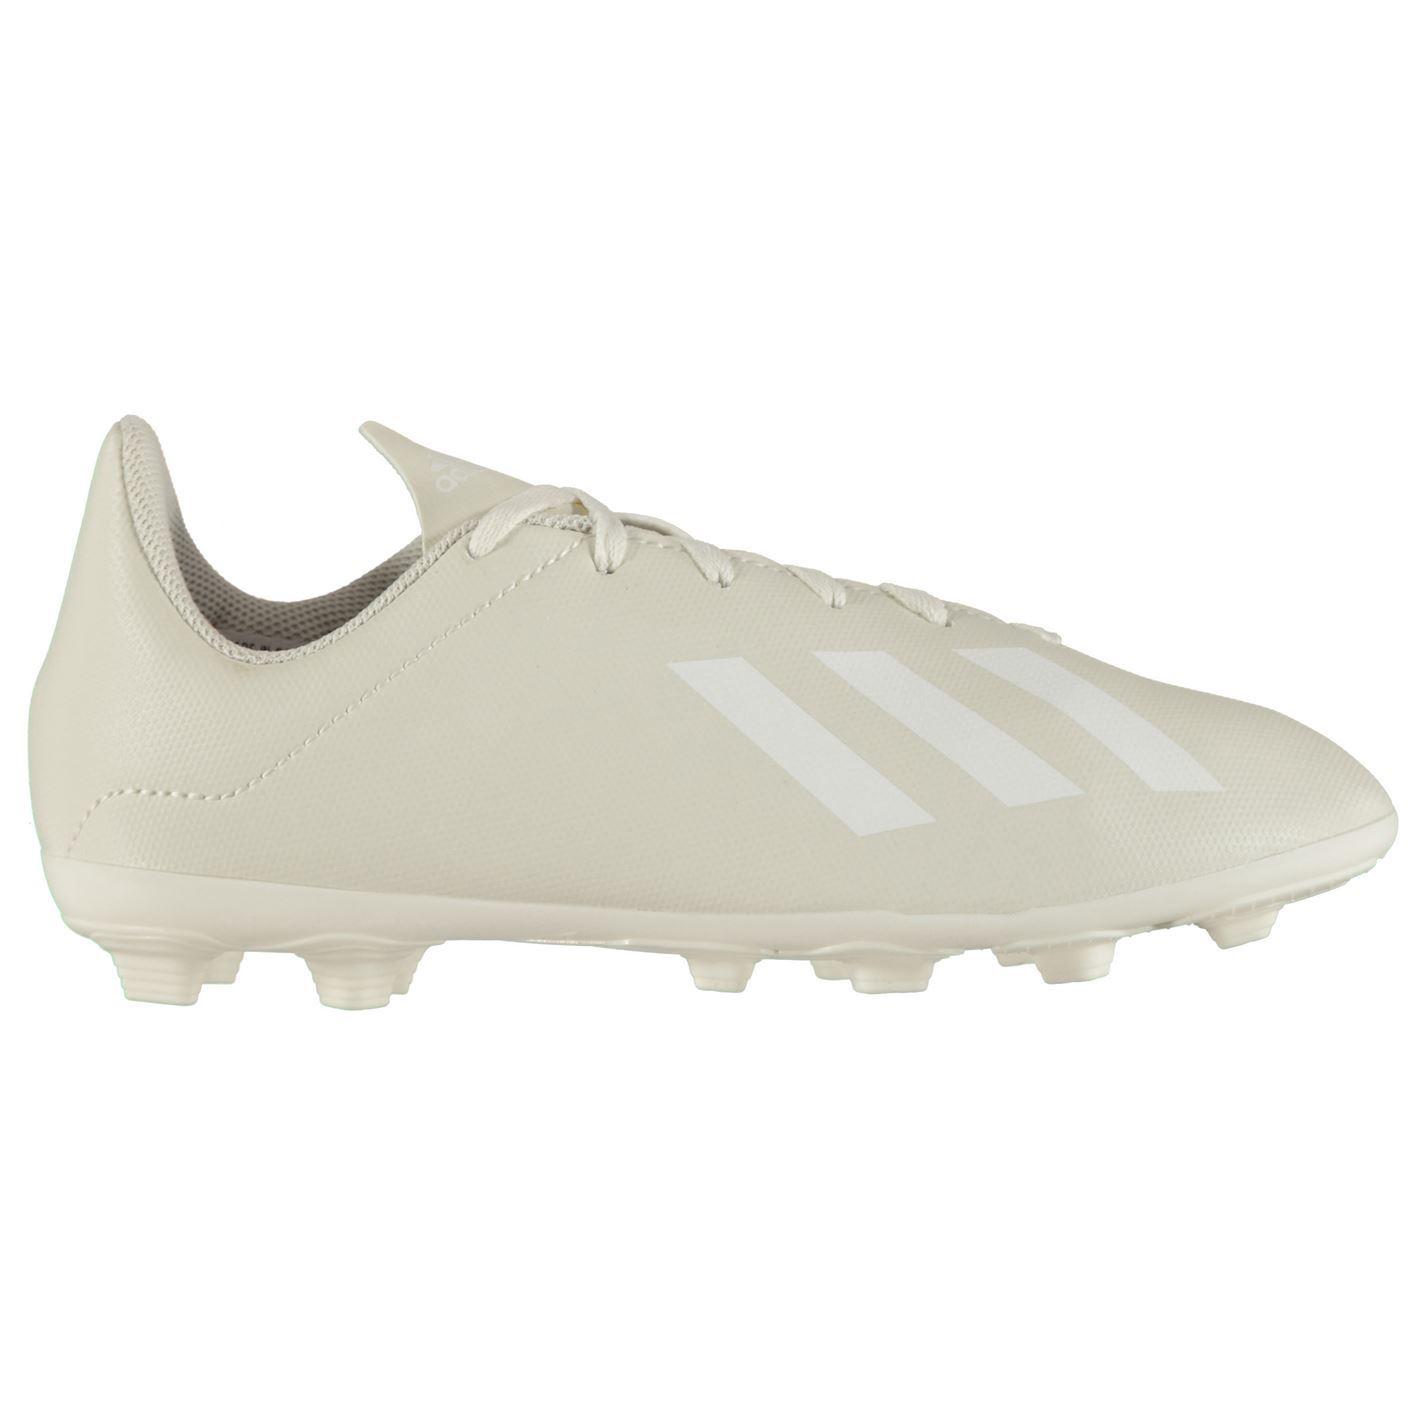 adidas scarpe calcio 6 tacchetti, Negozio Ufficiale Italiano